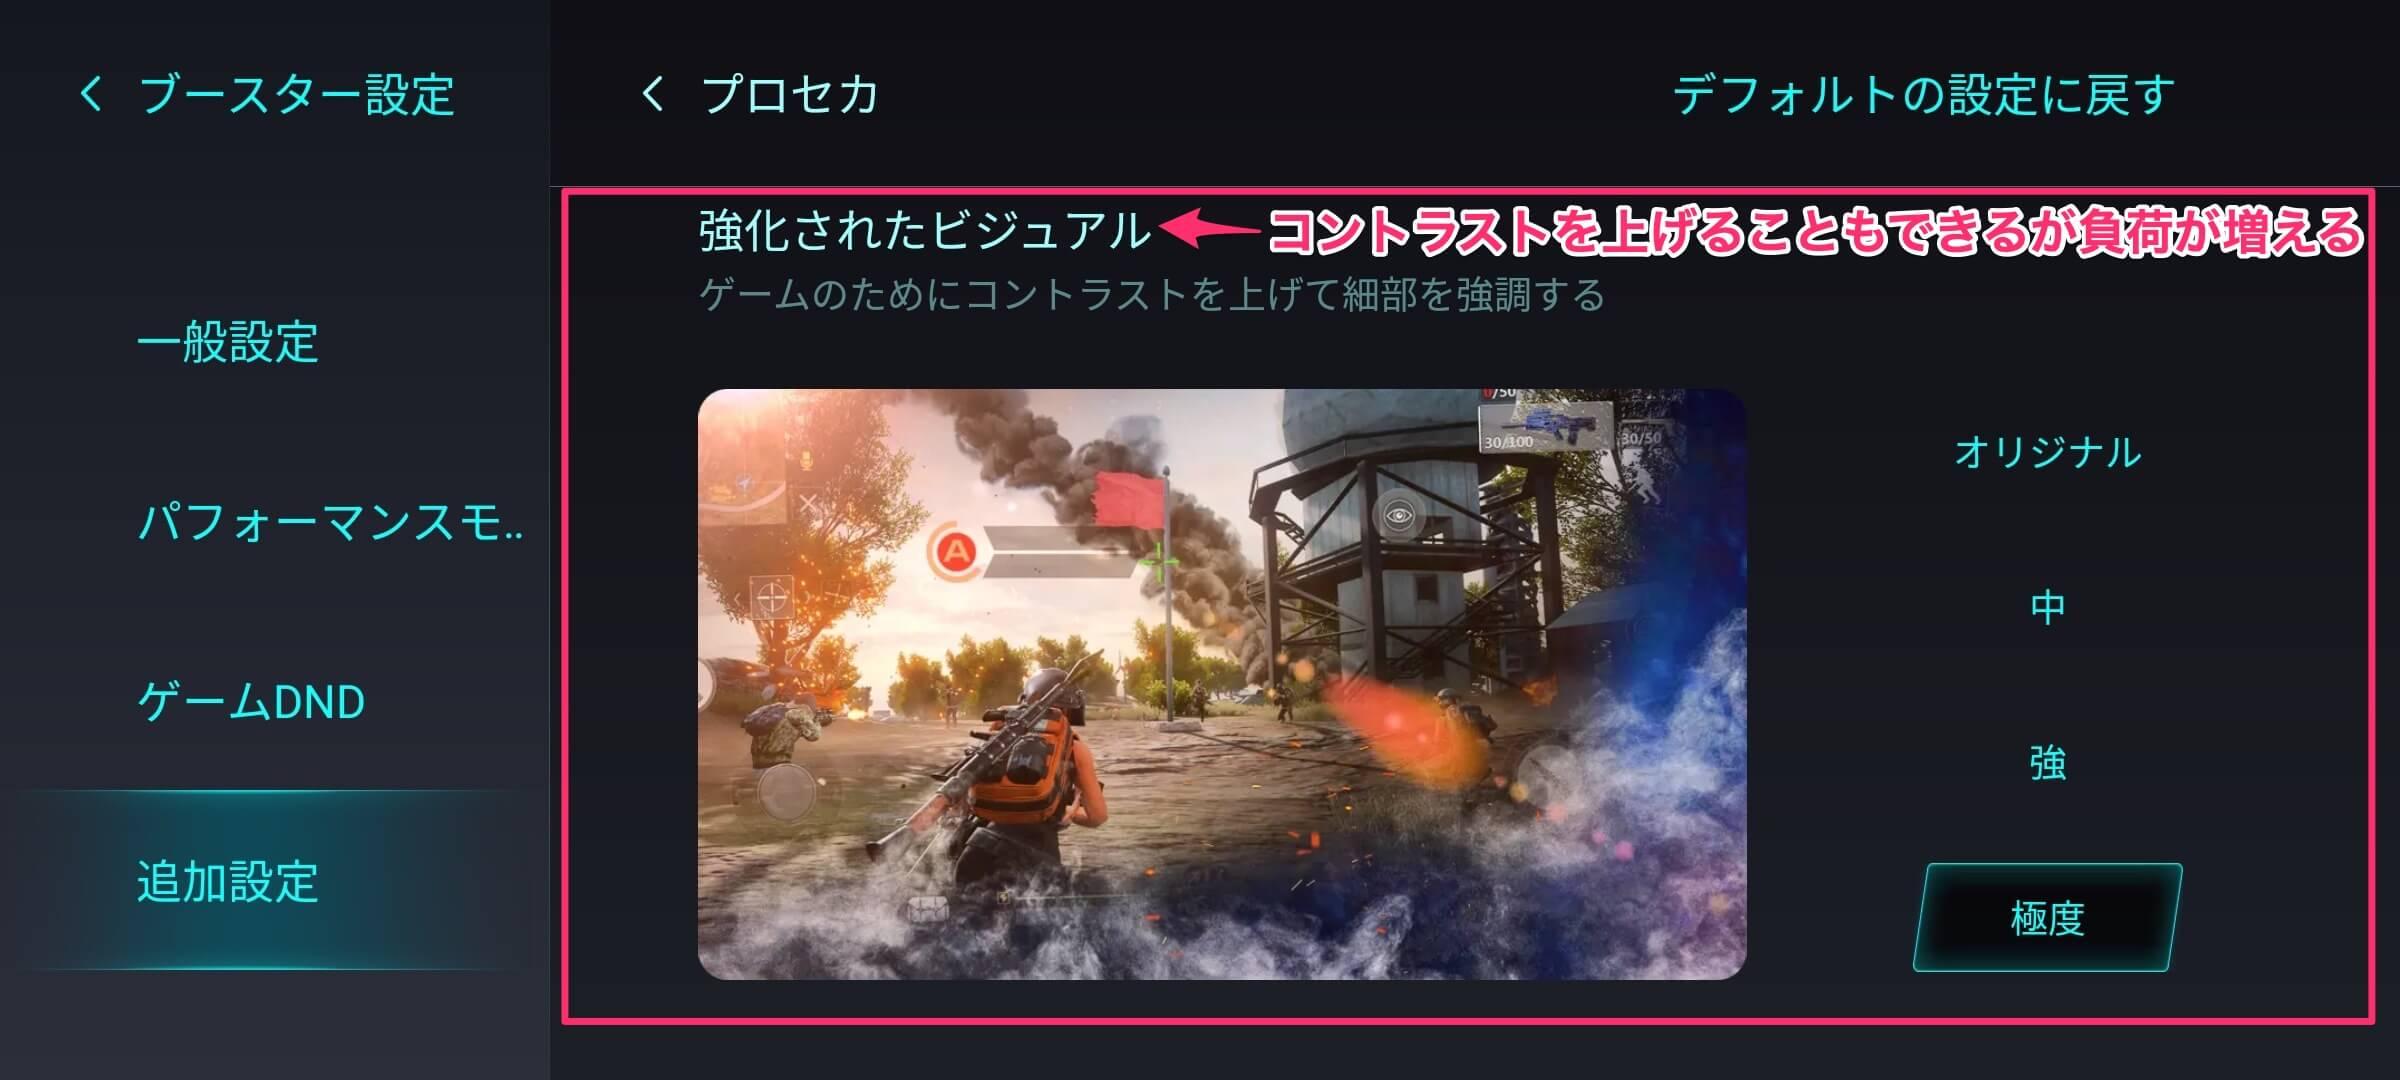 ゲームターボ設定画面